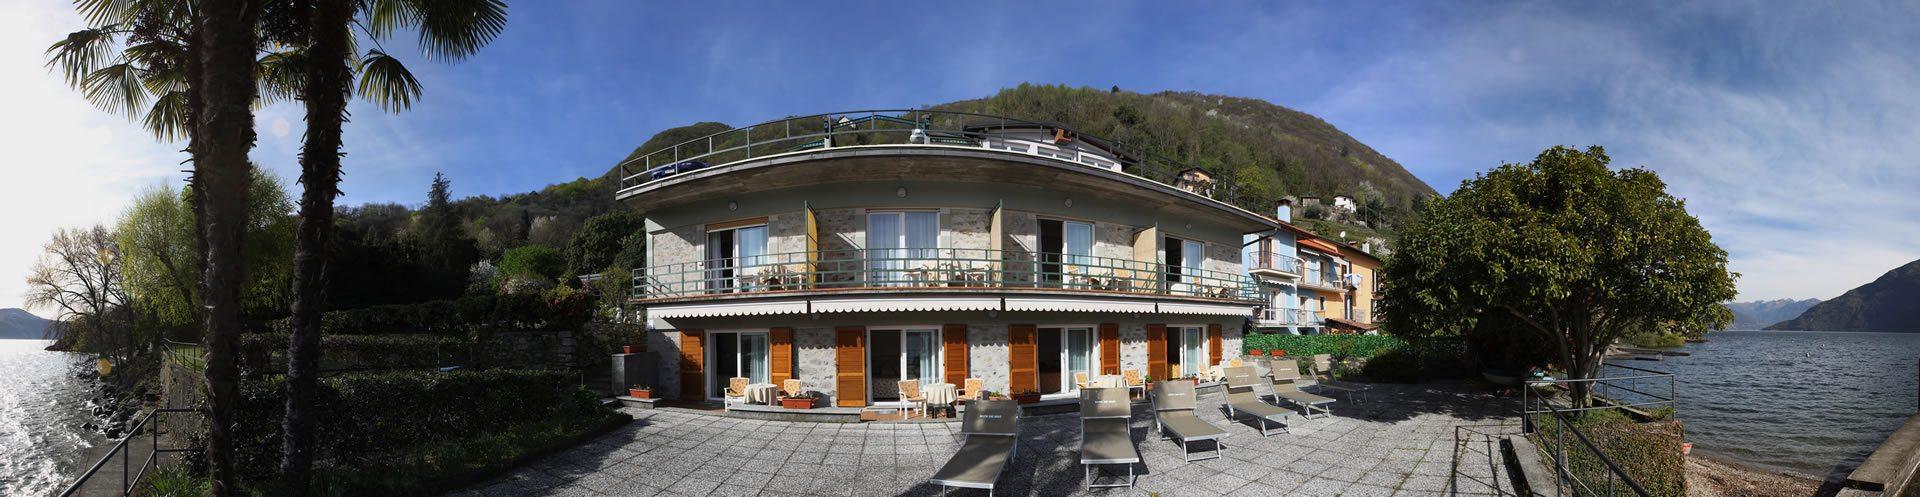 Del Lago: Hotel am See Maggiore in Cannobio Verbania.